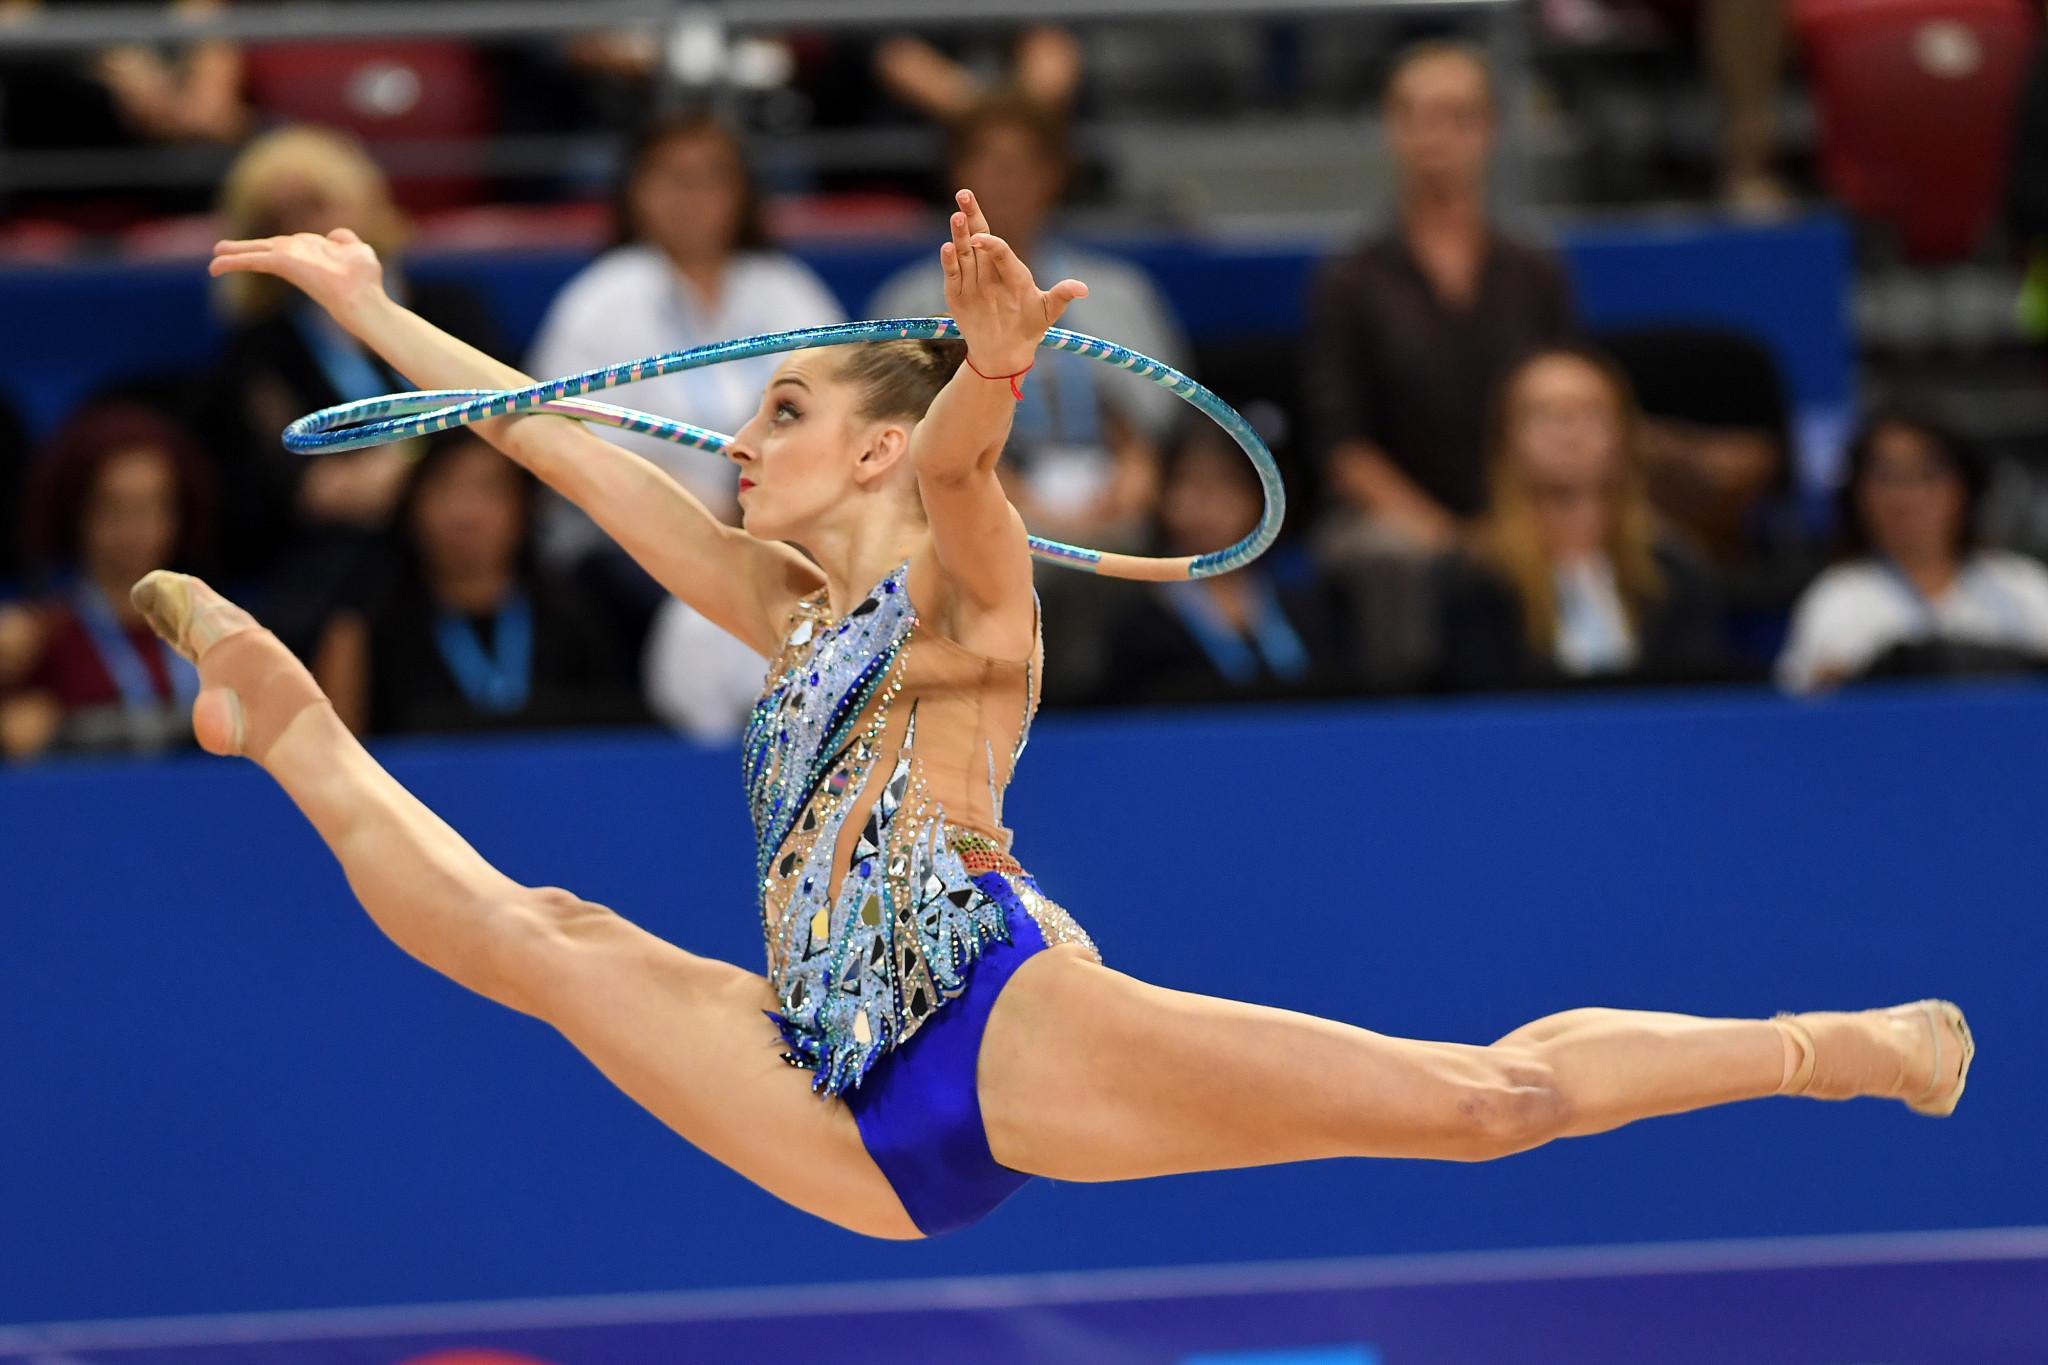 Kaleyn wins three individual titles on final day of FIG Rhythmic Gymnastics World Cup in Sofia